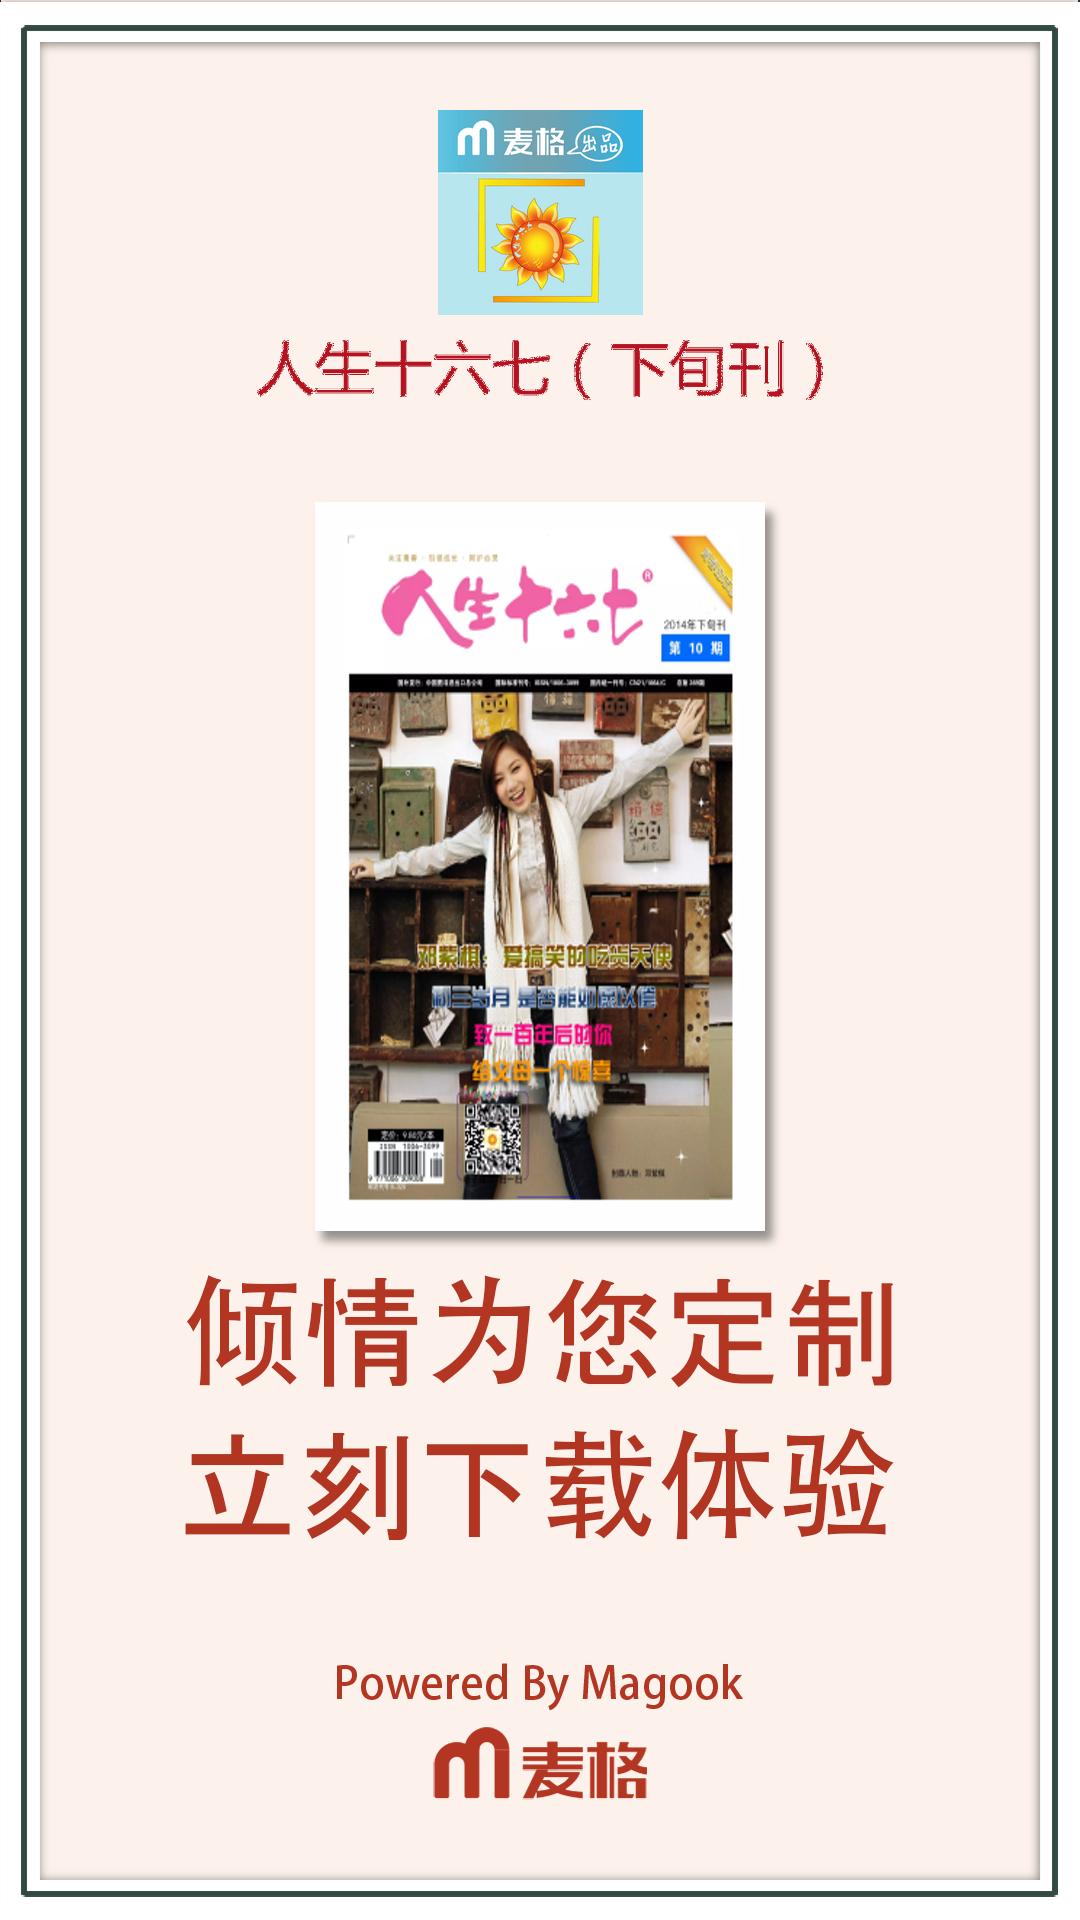 2000年,《人生十六七》正式划入沈阳日报报业集团,是一本面向中学生的图片